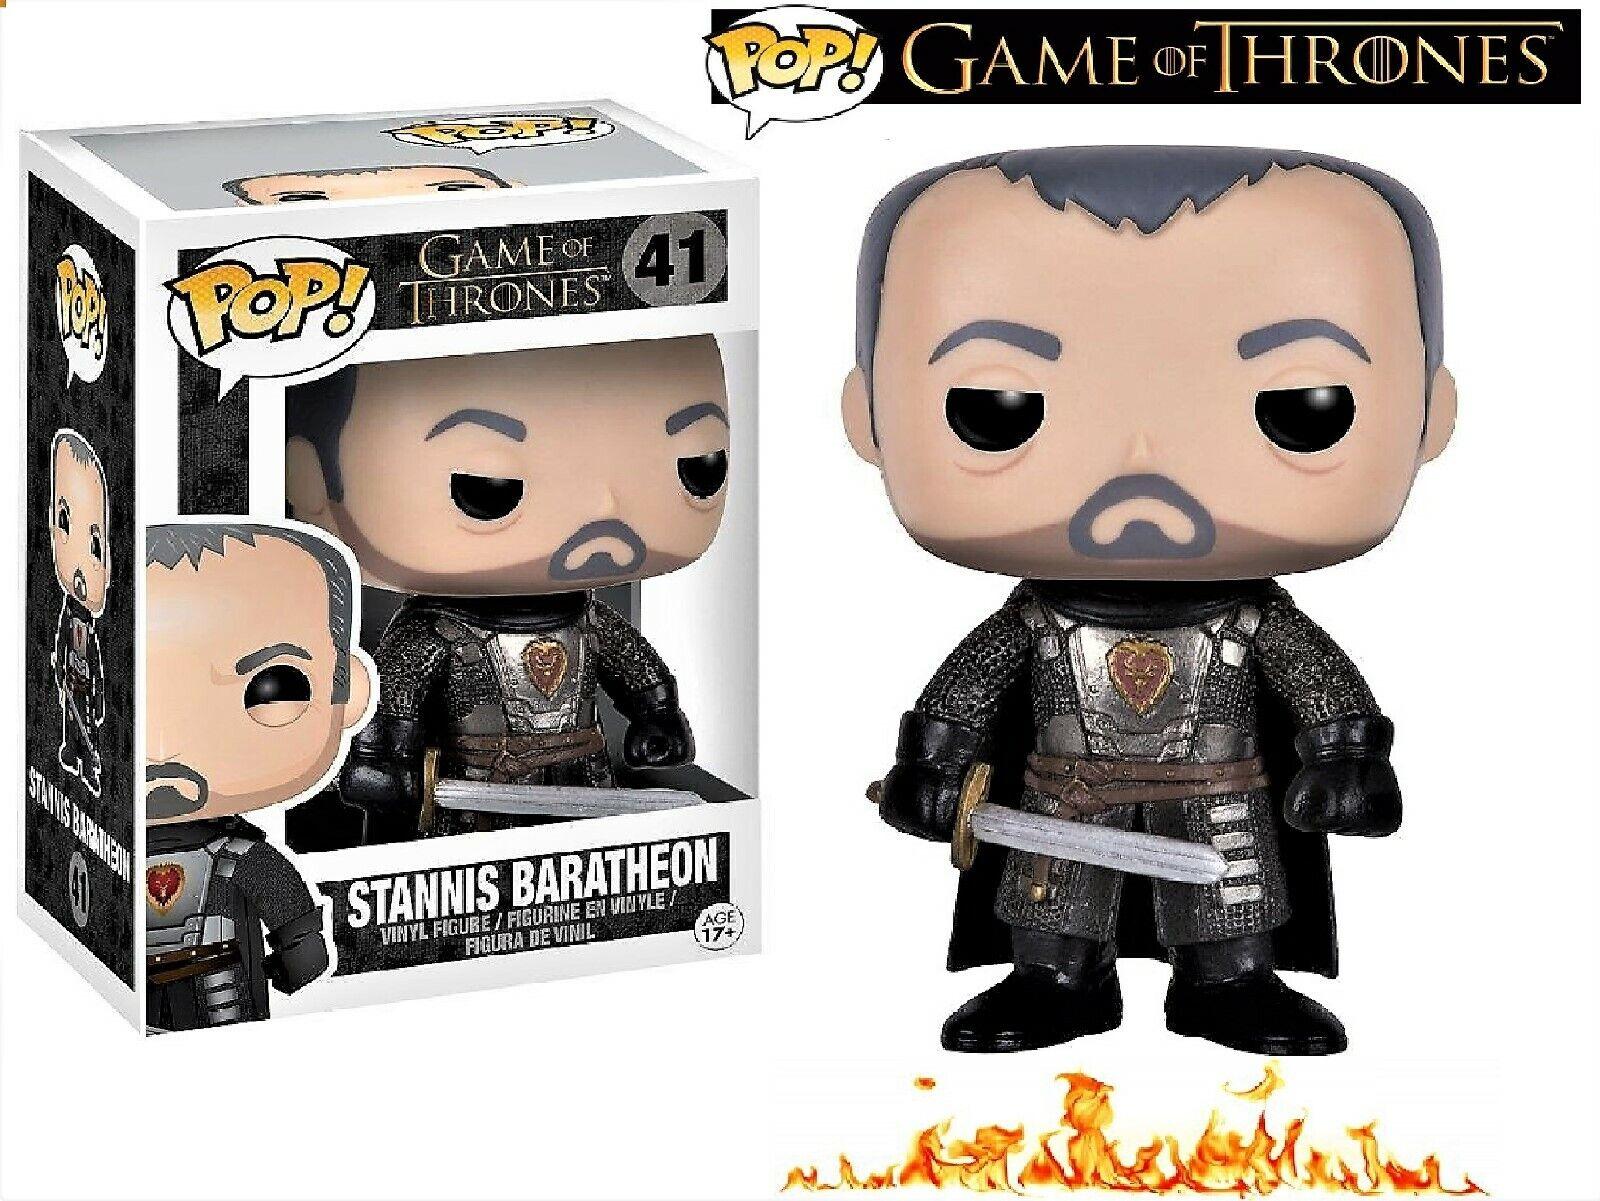 STANNIS BARATHEON Funko POP Figur HBO Game of Thrones Figura Figurine 41 GOT